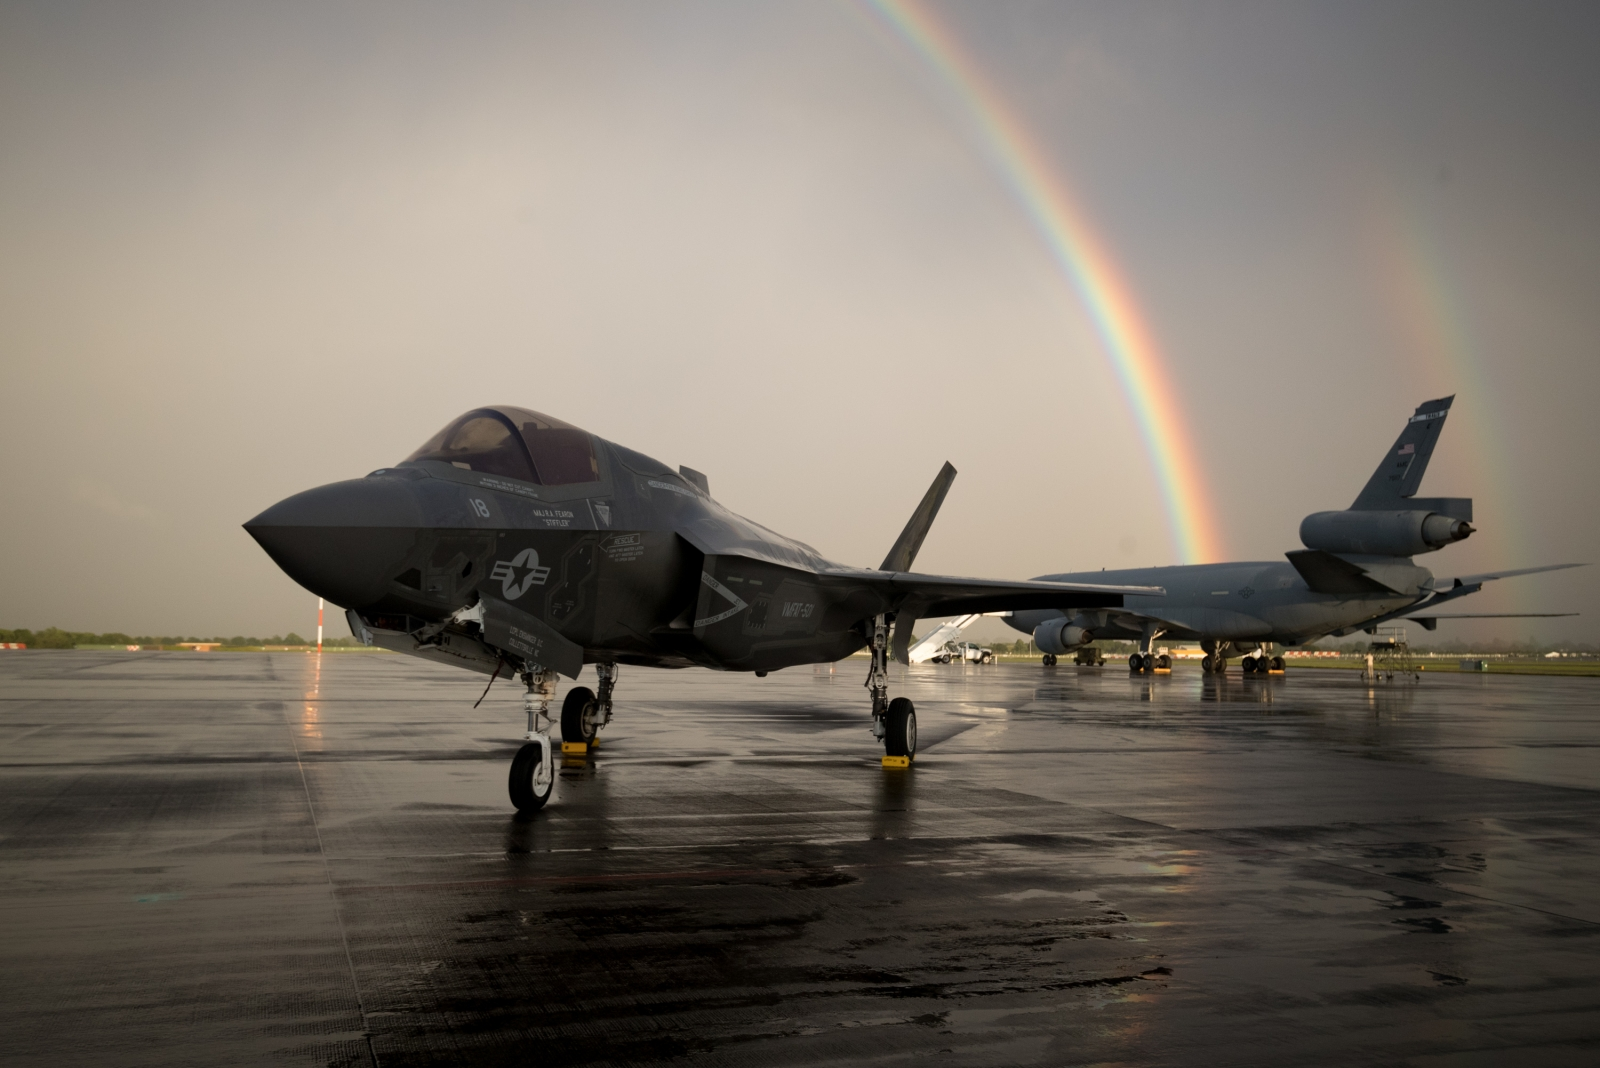 F-35 Lightning II: What is it?